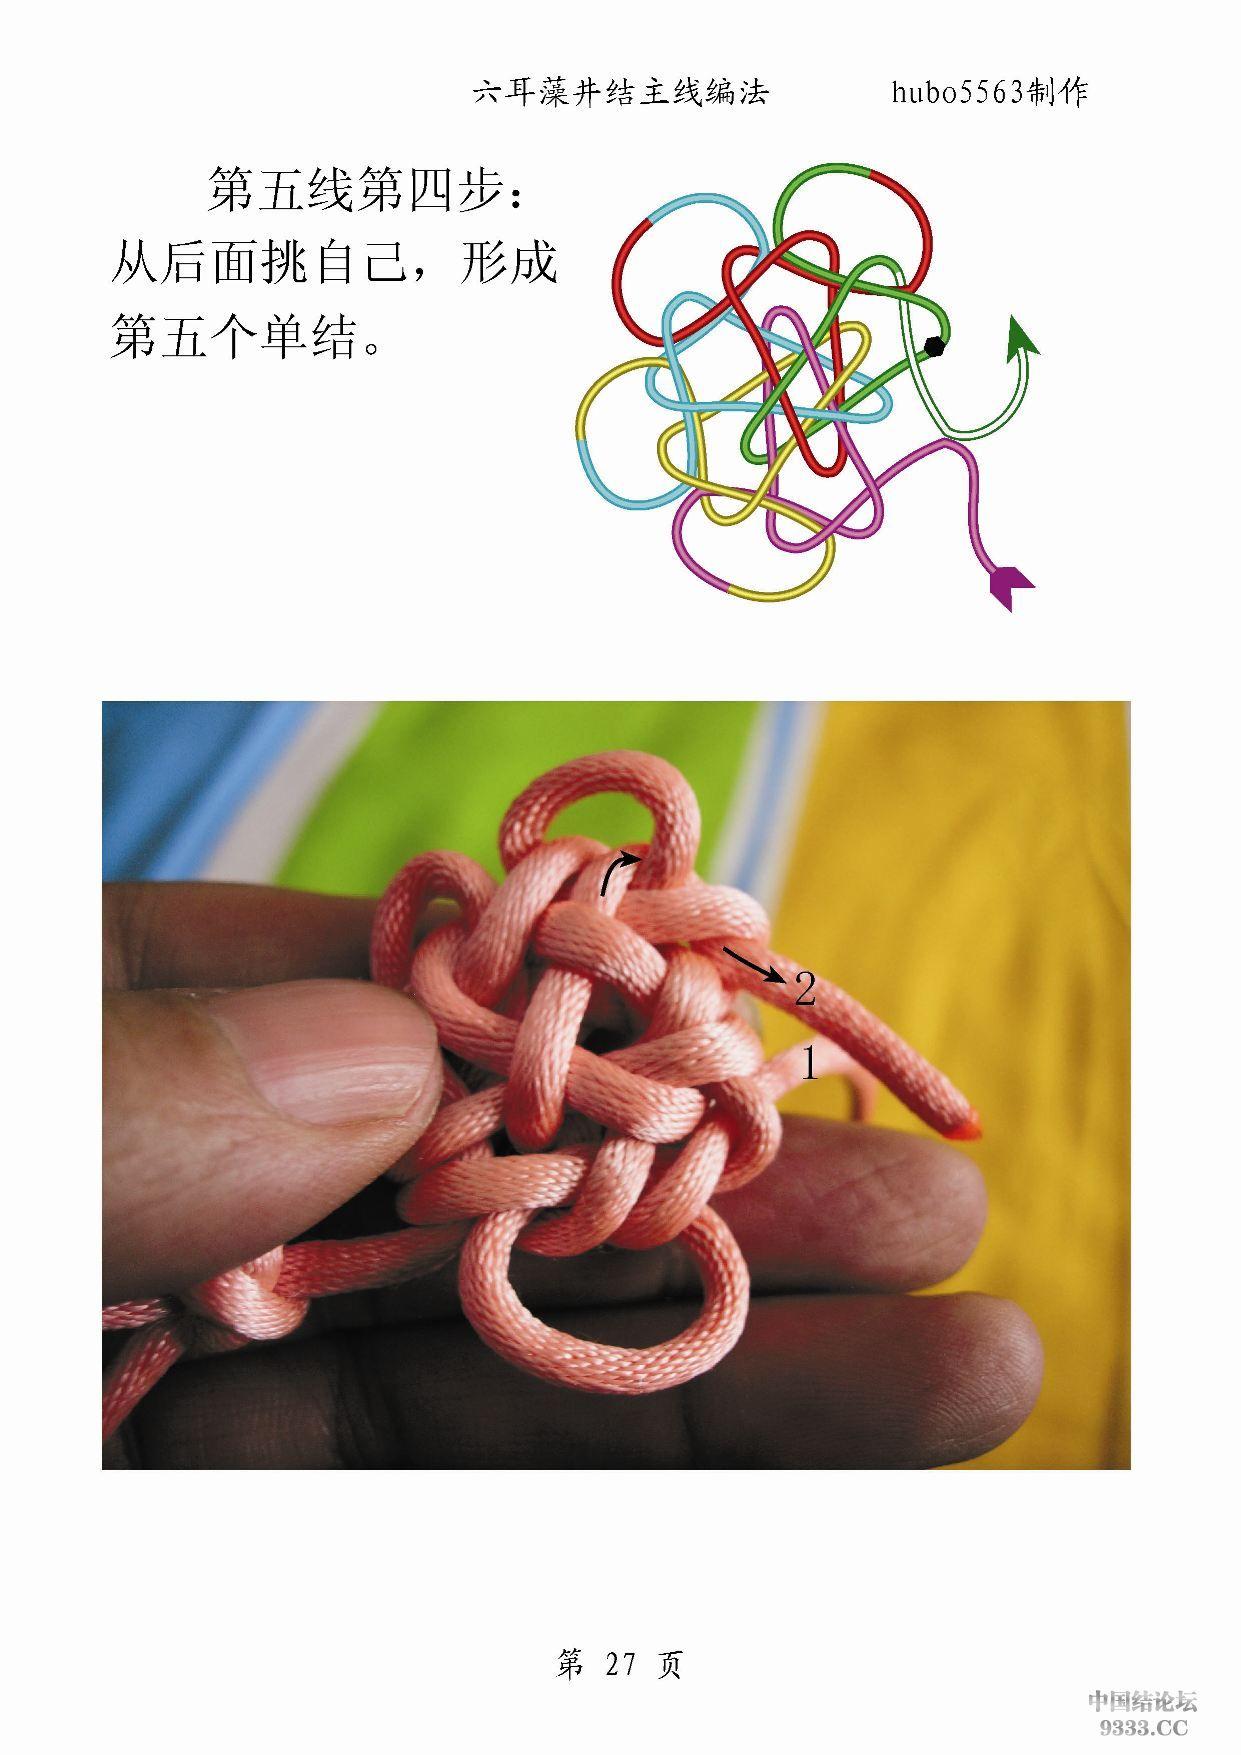 中国结论坛 原创新结---六耳藻井结主线编法徒手教程  基本结-新手入门必看 10021922152dc9ddcb7845819c